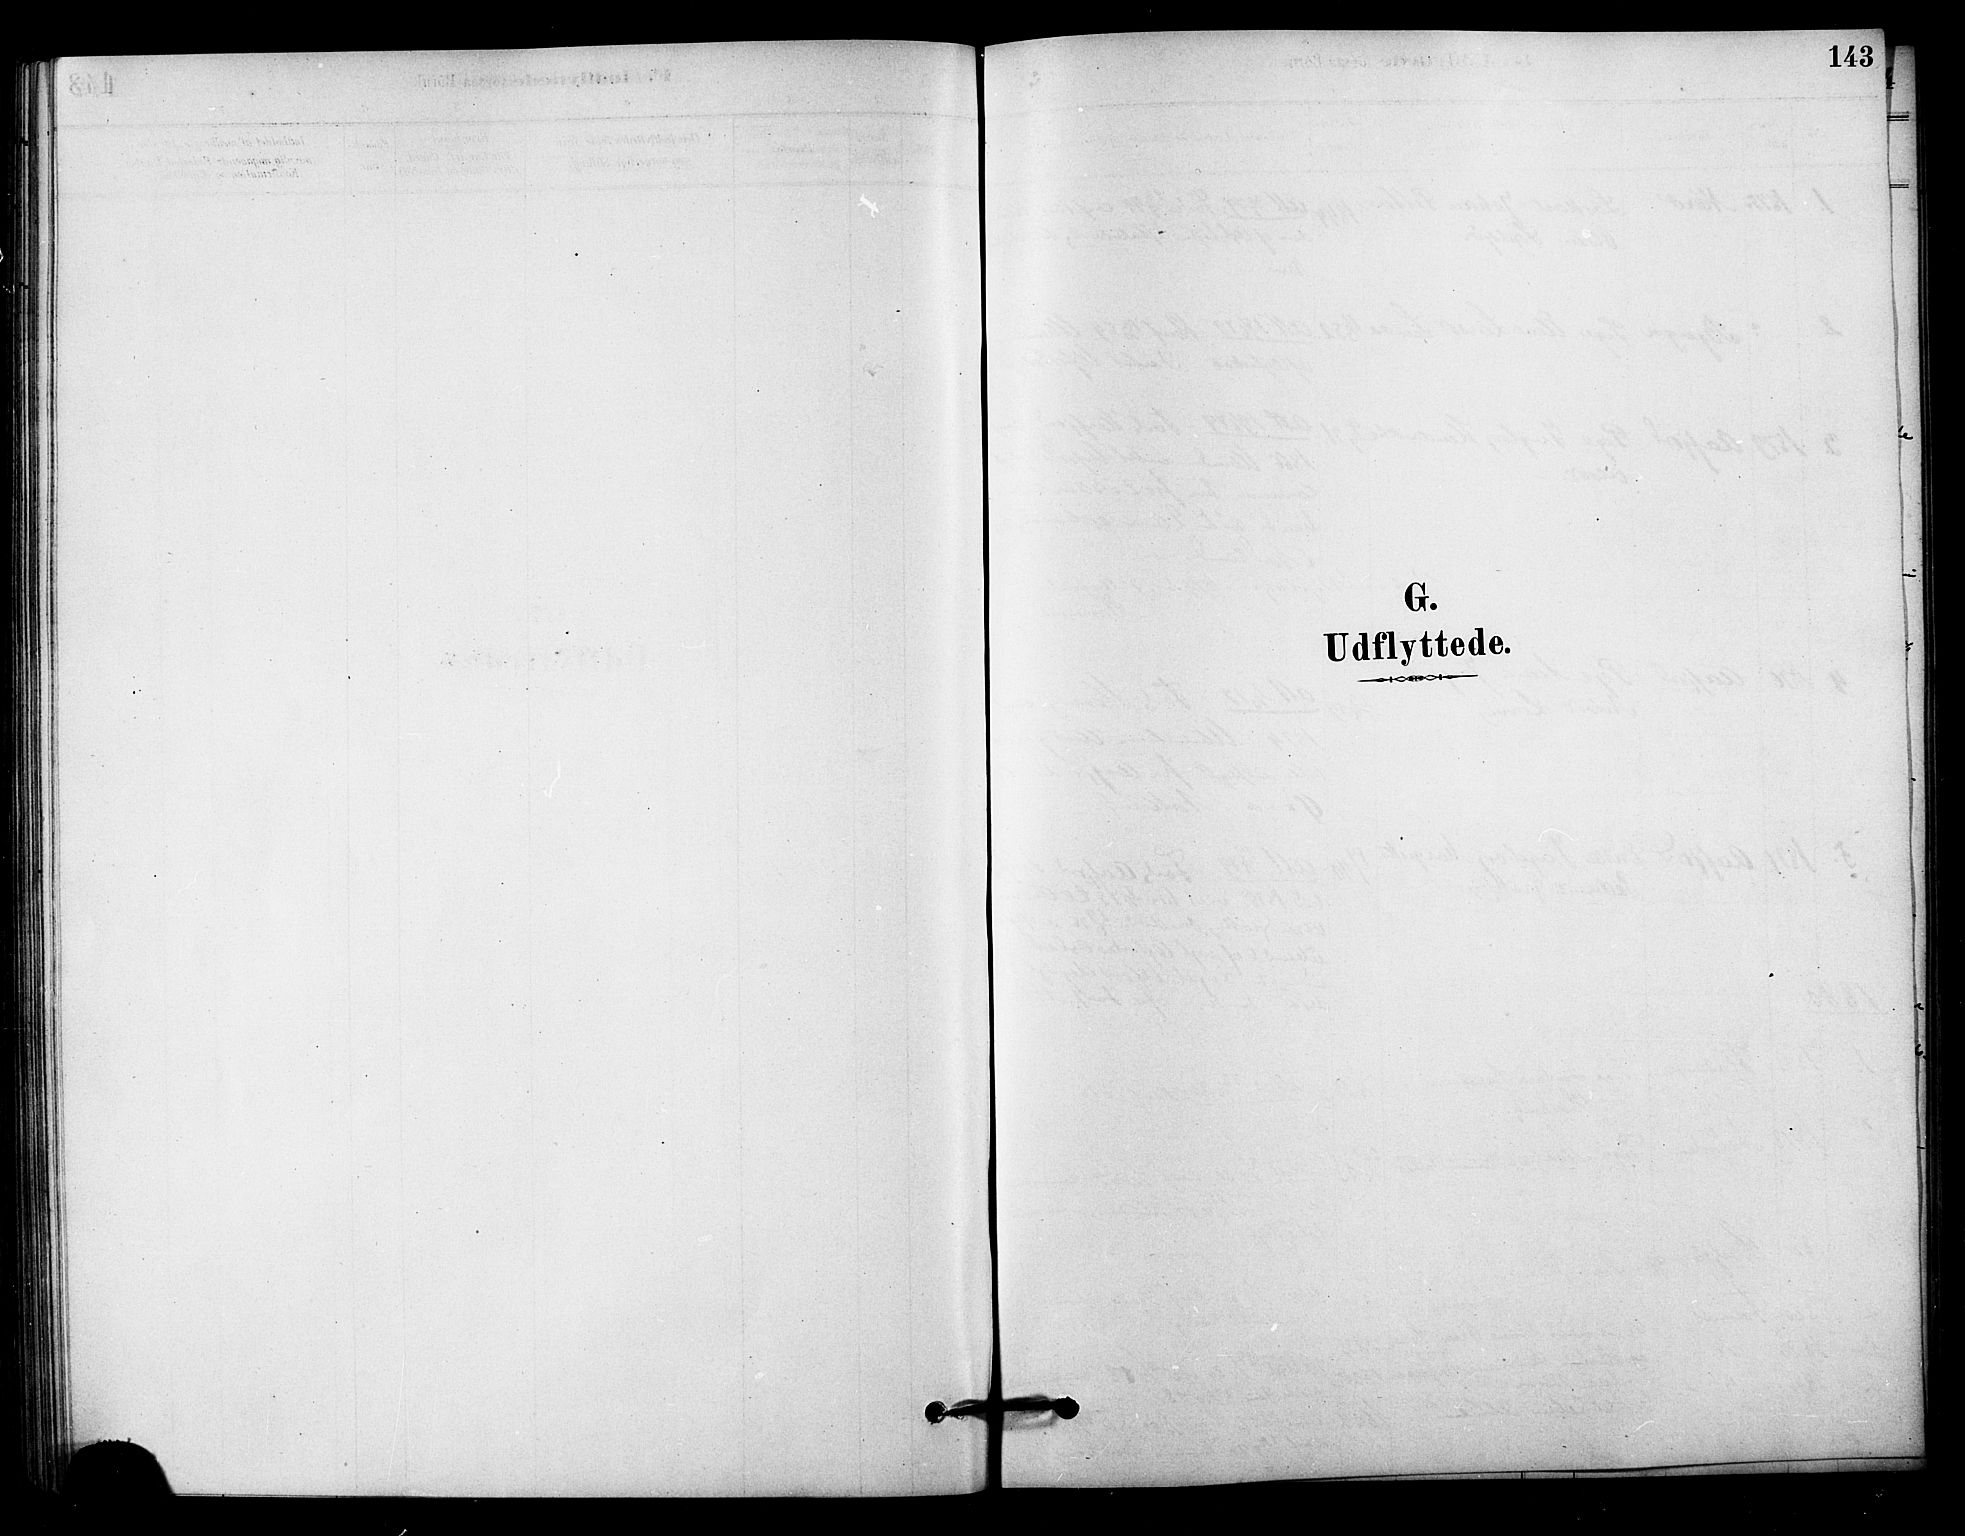 SAT, Ministerialprotokoller, klokkerbøker og fødselsregistre - Sør-Trøndelag, 656/L0692: Ministerialbok nr. 656A01, 1879-1893, s. 143